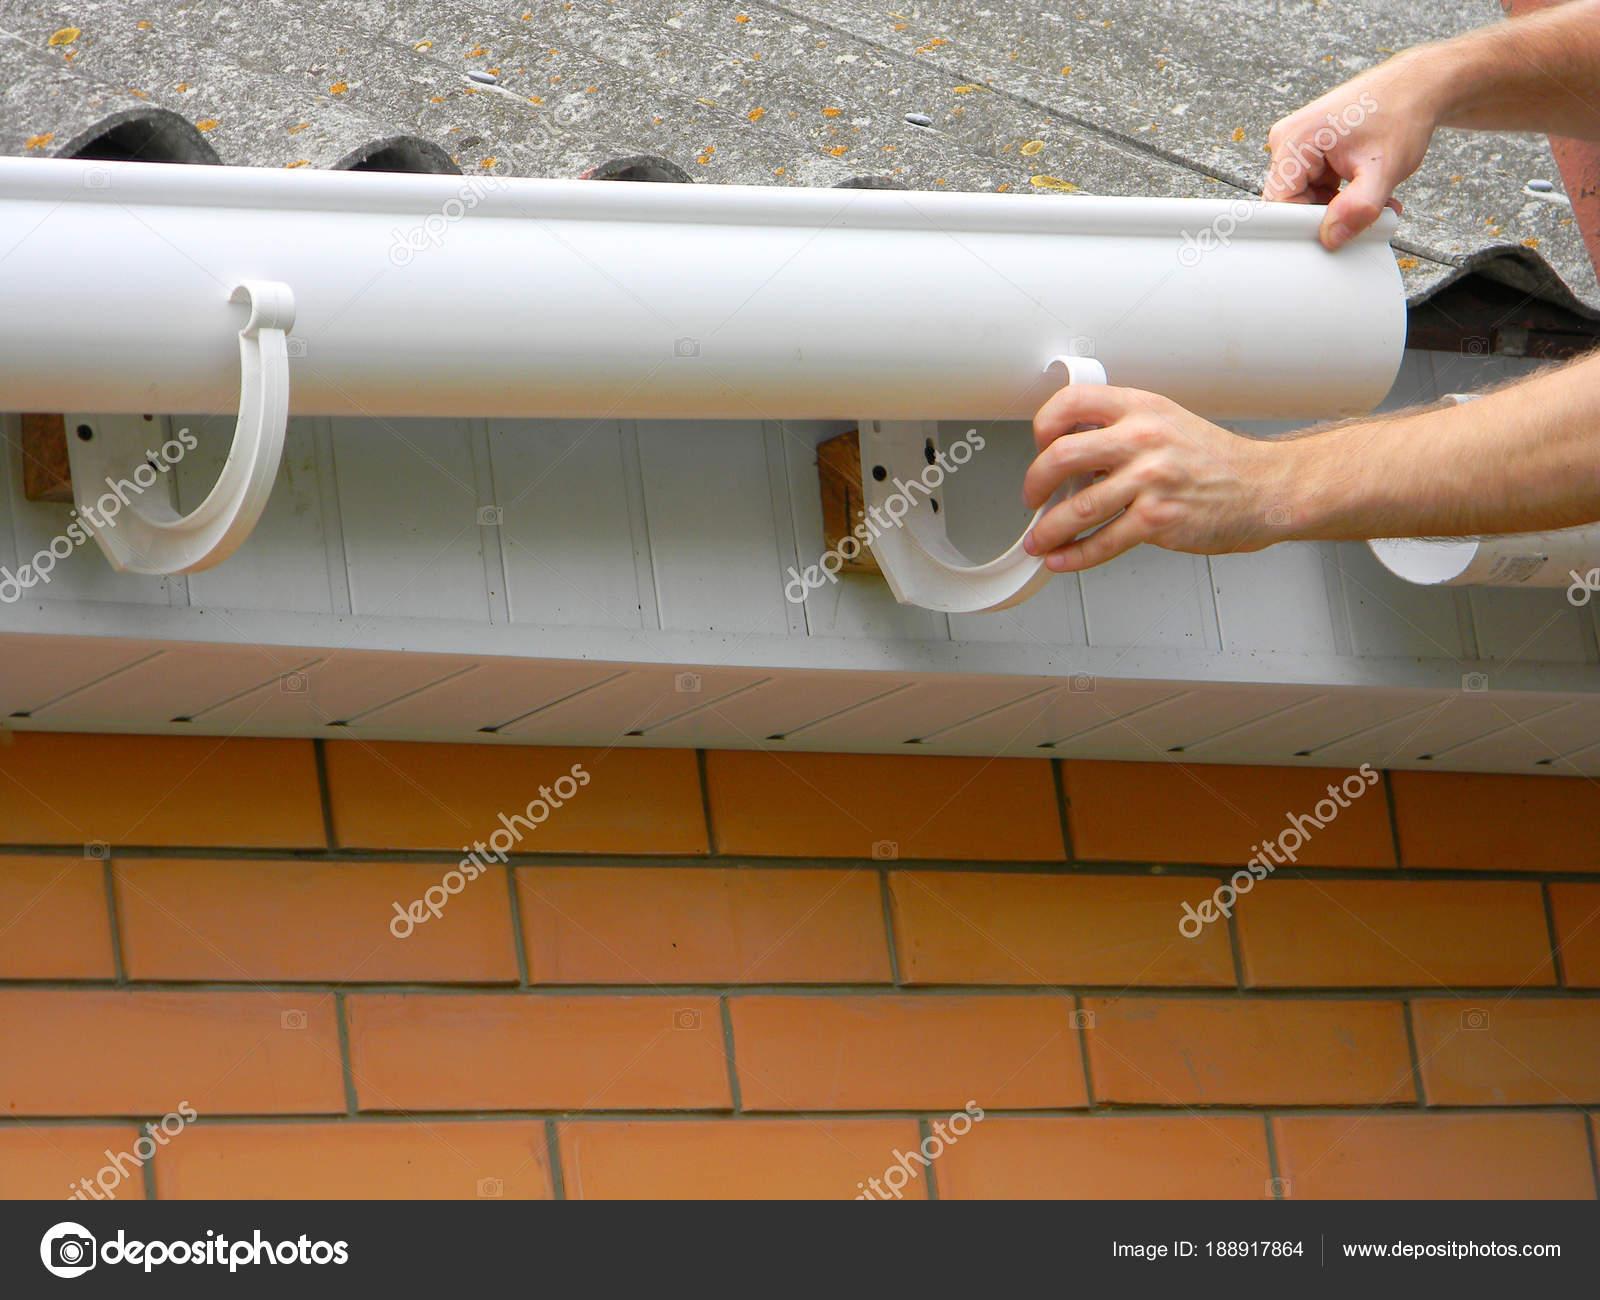 auftragnehmer installation kunststoff dachrinne. kunststoff